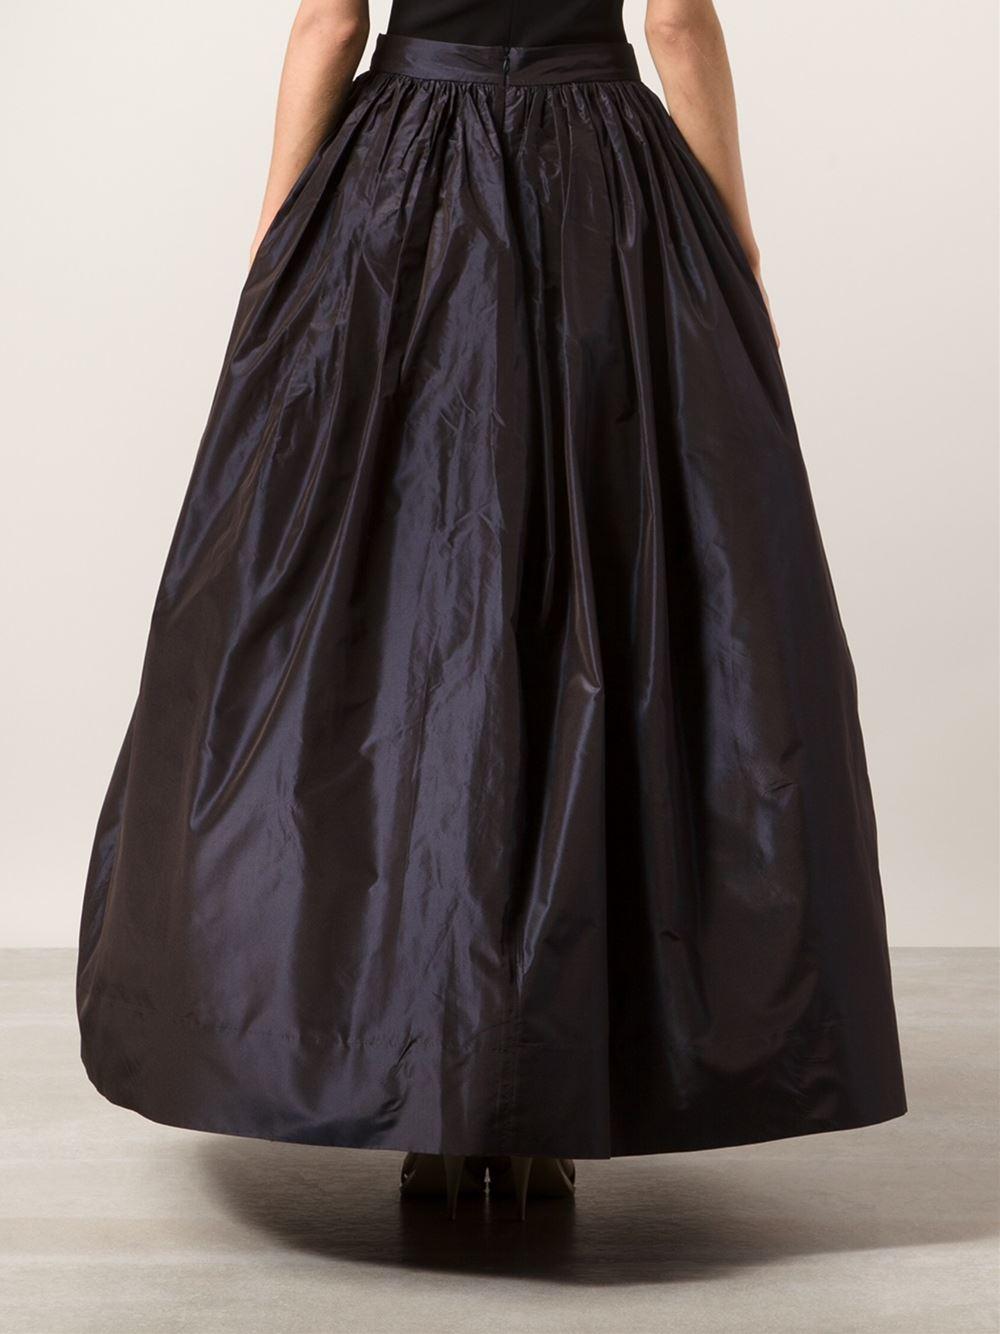 Martin grant Long Taffeta Skirt in Blue | Lyst